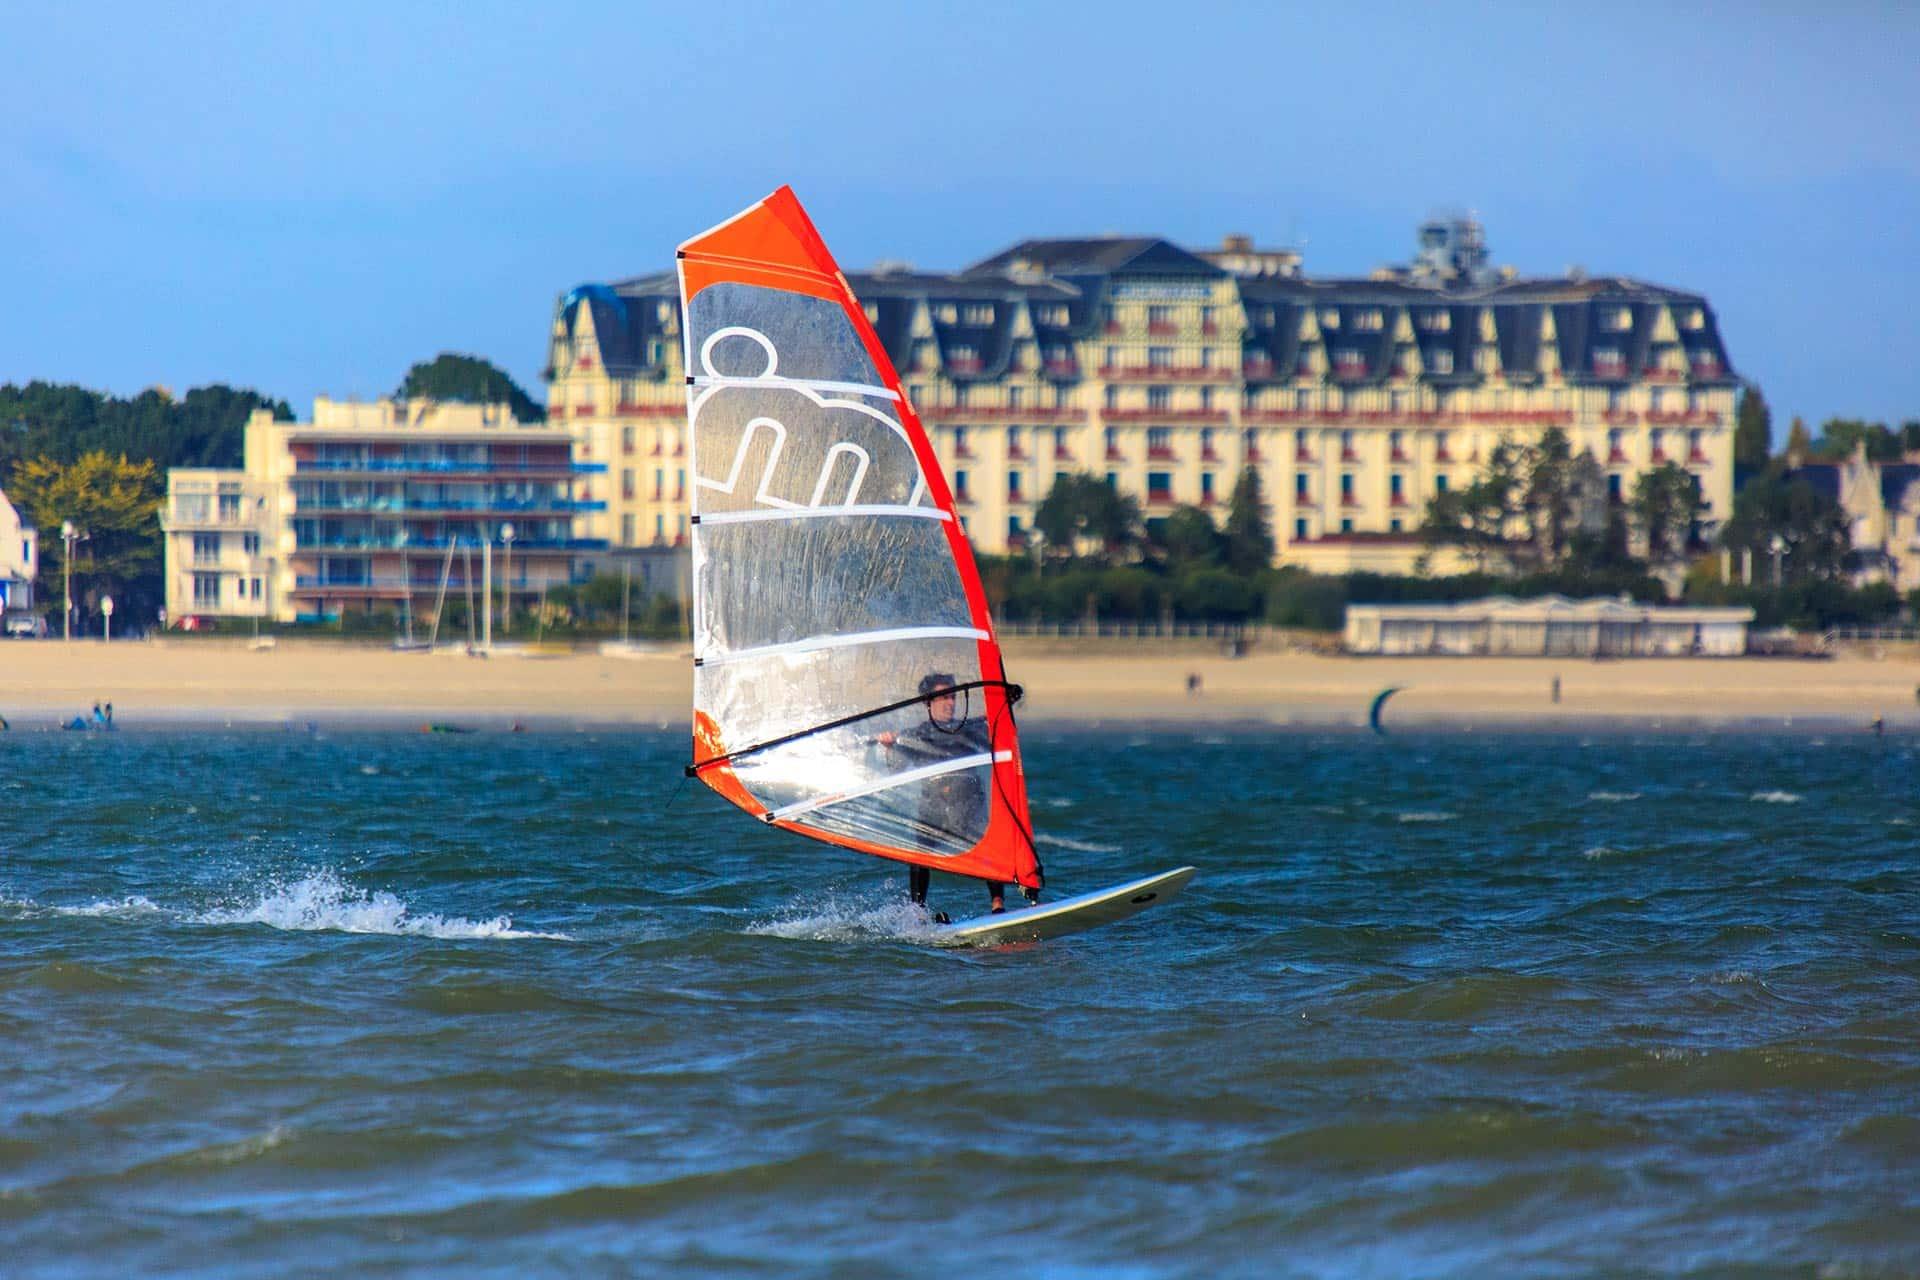 Initiez vous aux Sport nautiques sur la plage de la baule, lors de votre séjour aux gîtes maengan